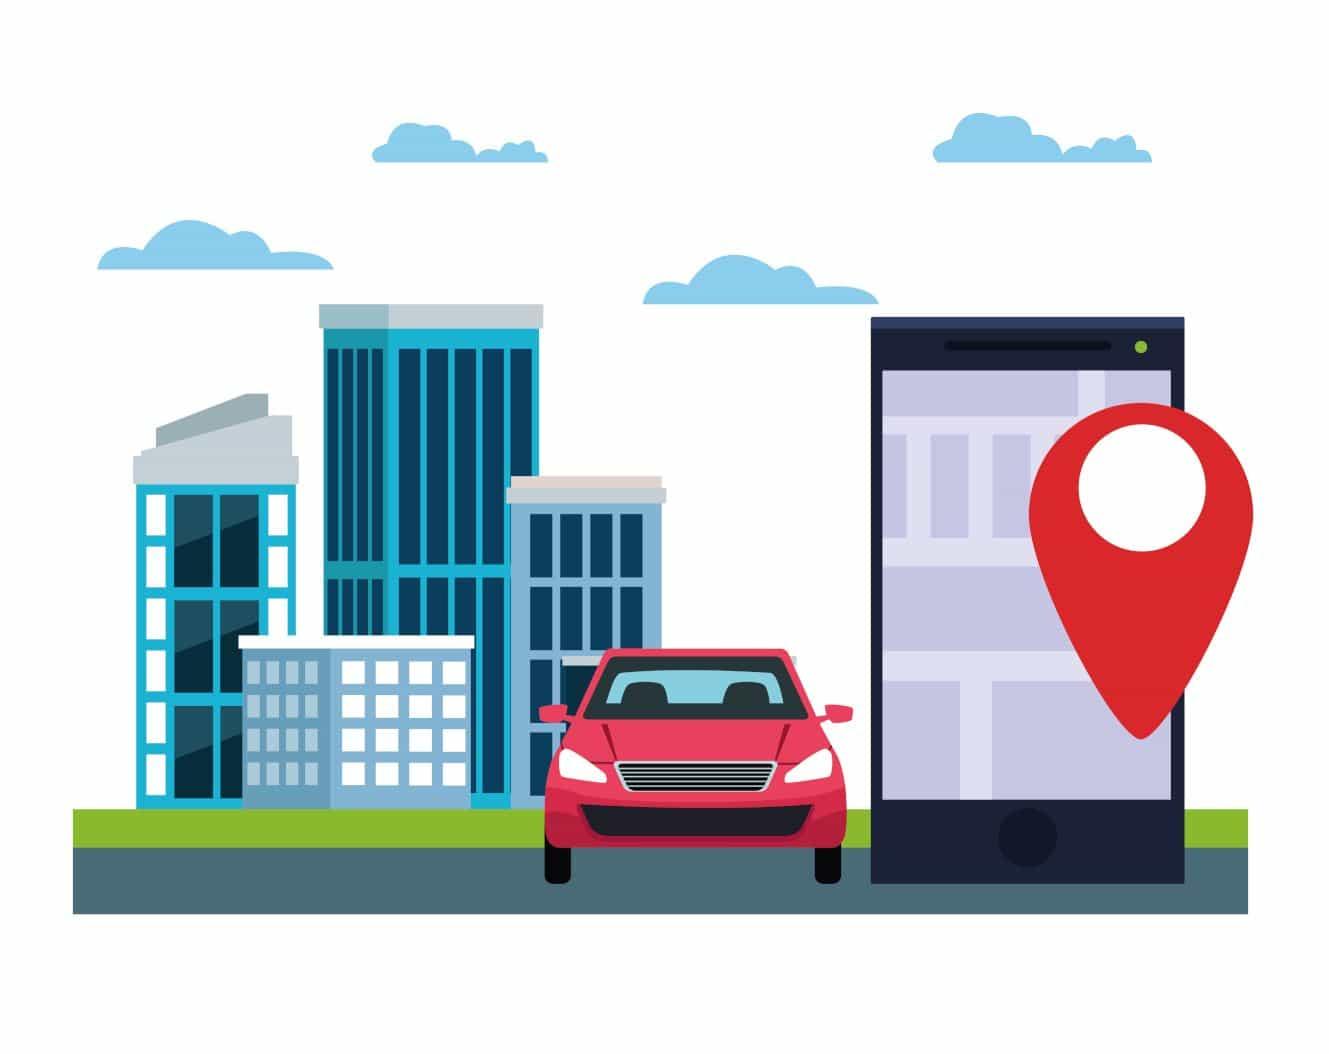 地図アプリを利用して市街地を走行する車